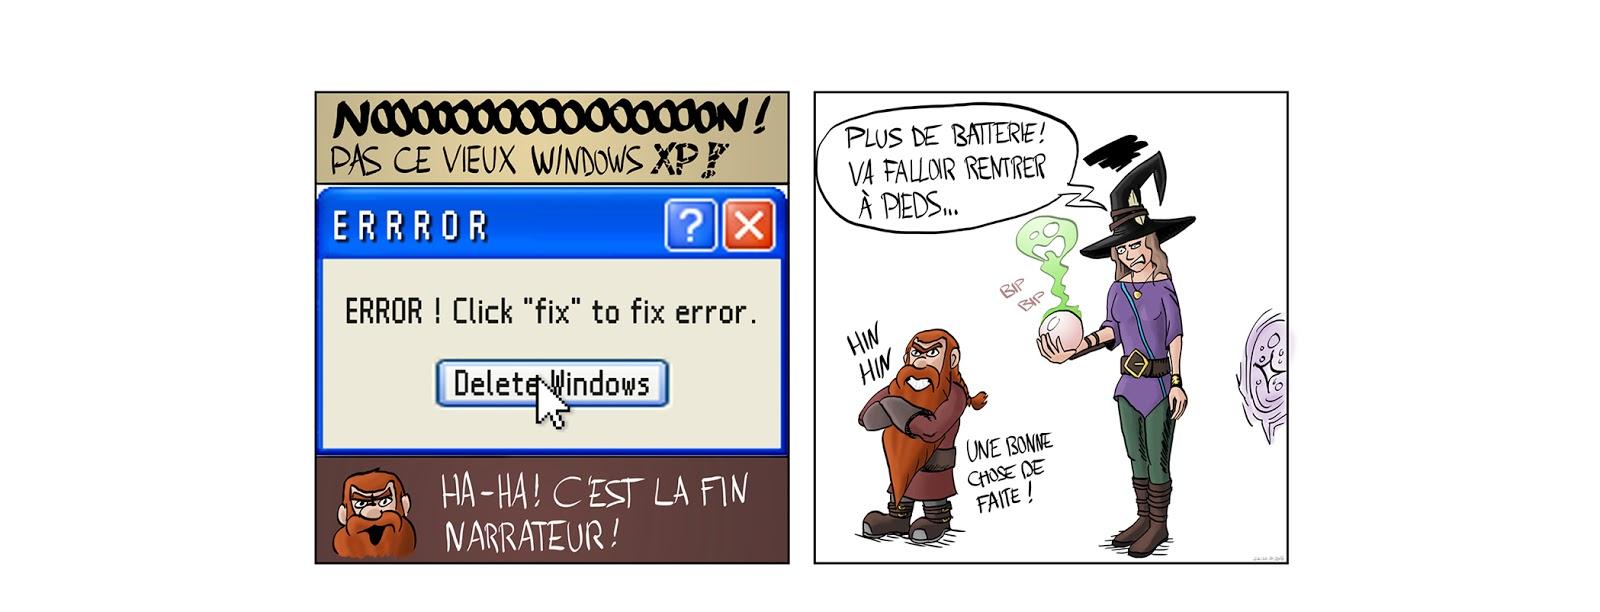 Nain Broglio page 6 bug windows